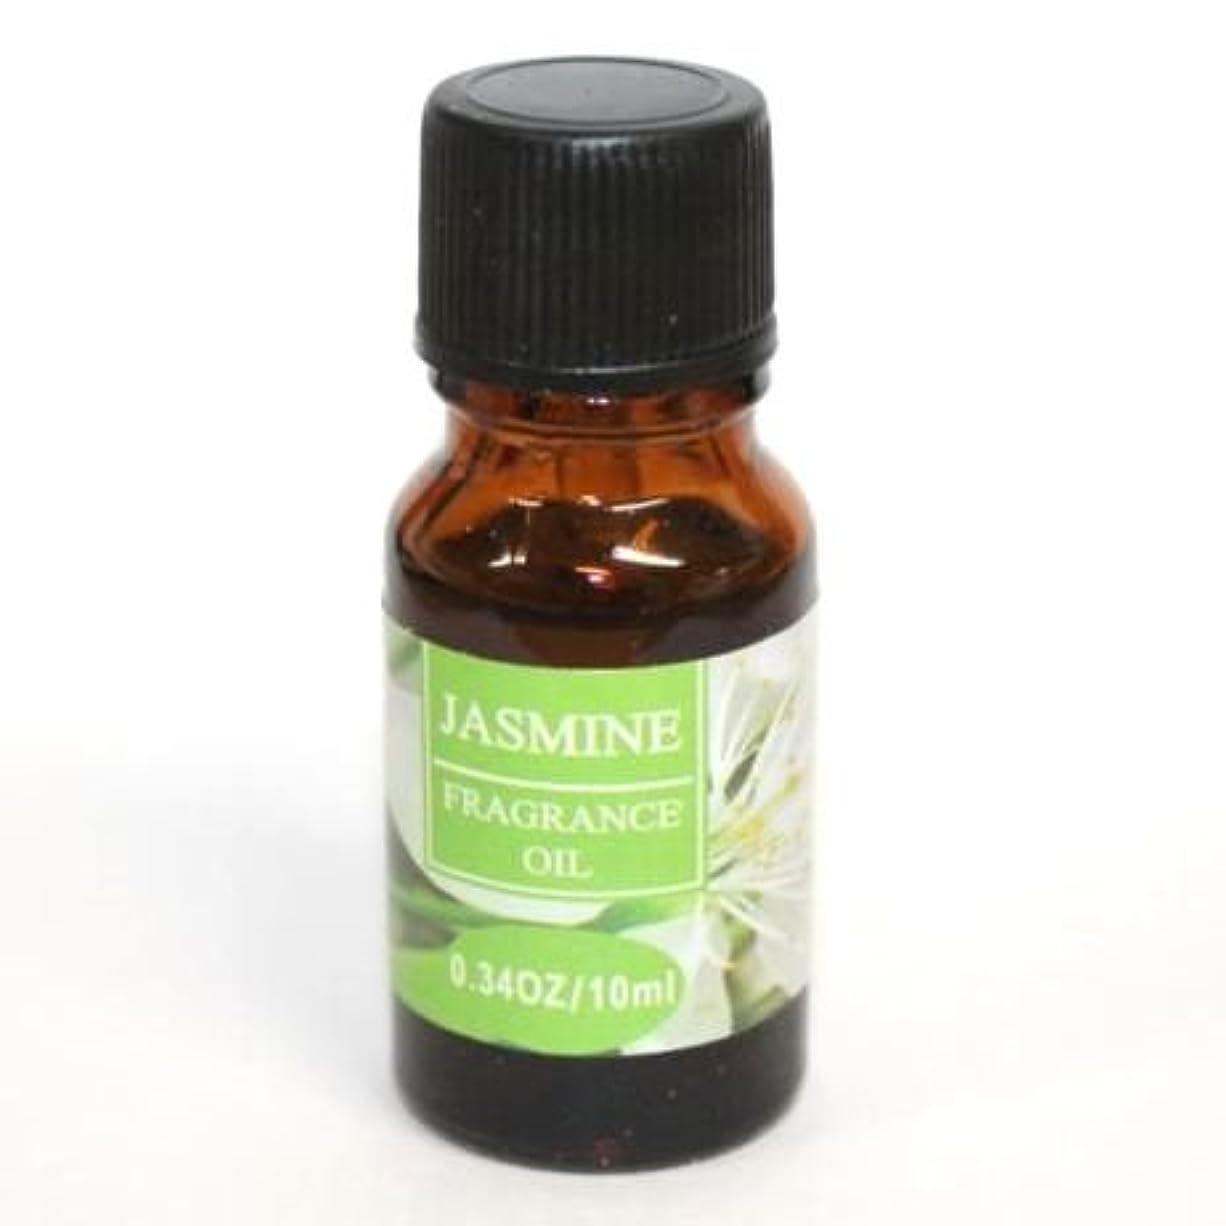 干渉するおしゃれじゃない悲しいRELAXING アロマオイル フレグランスオイル JASMINE ジャスミンの香り RQ-06